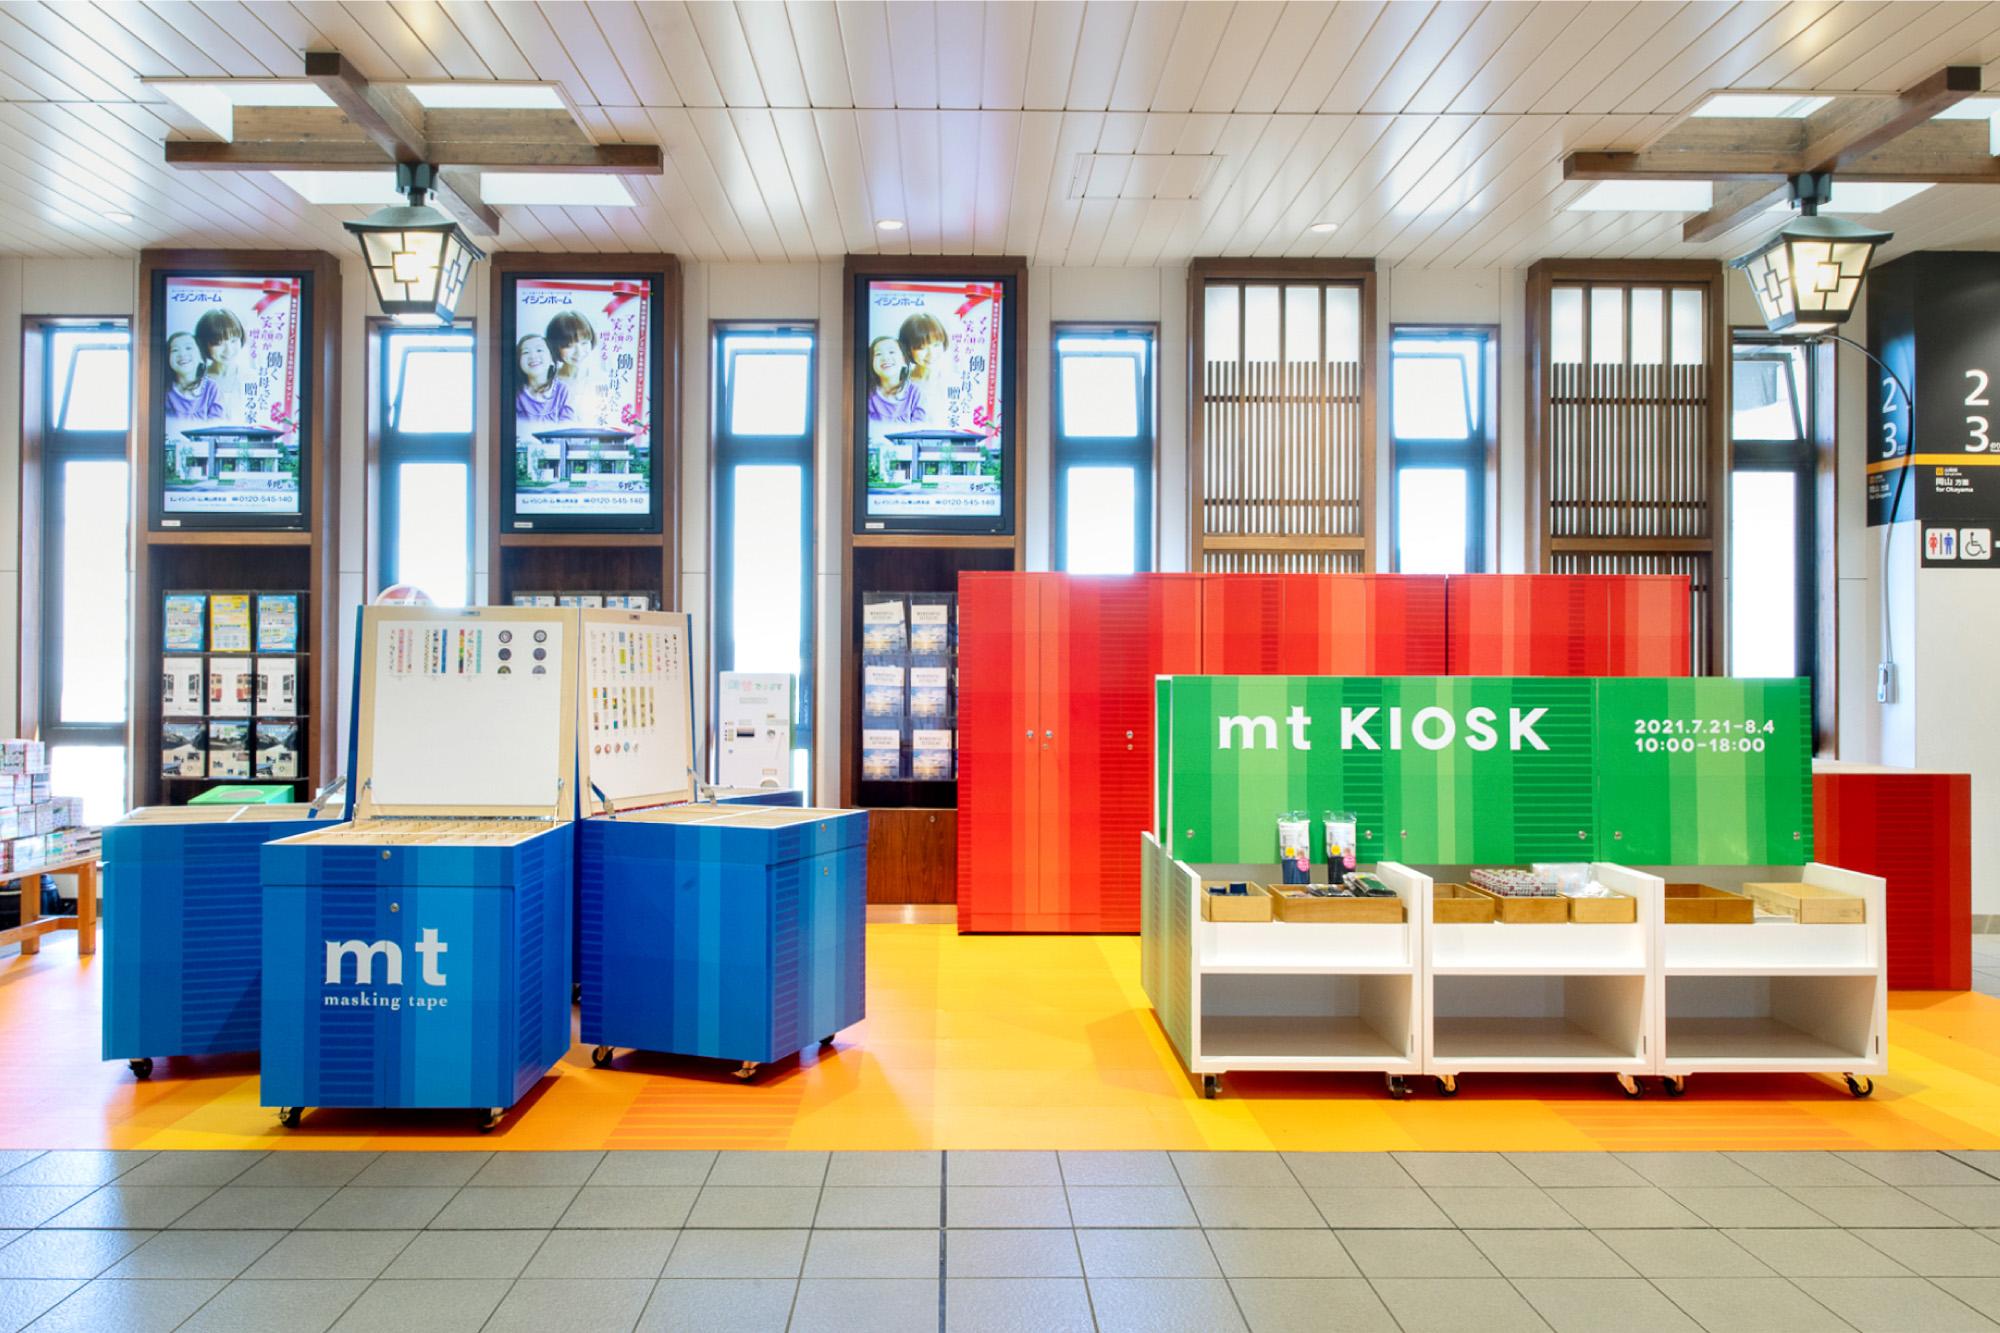 kiosk2021_1.jpg